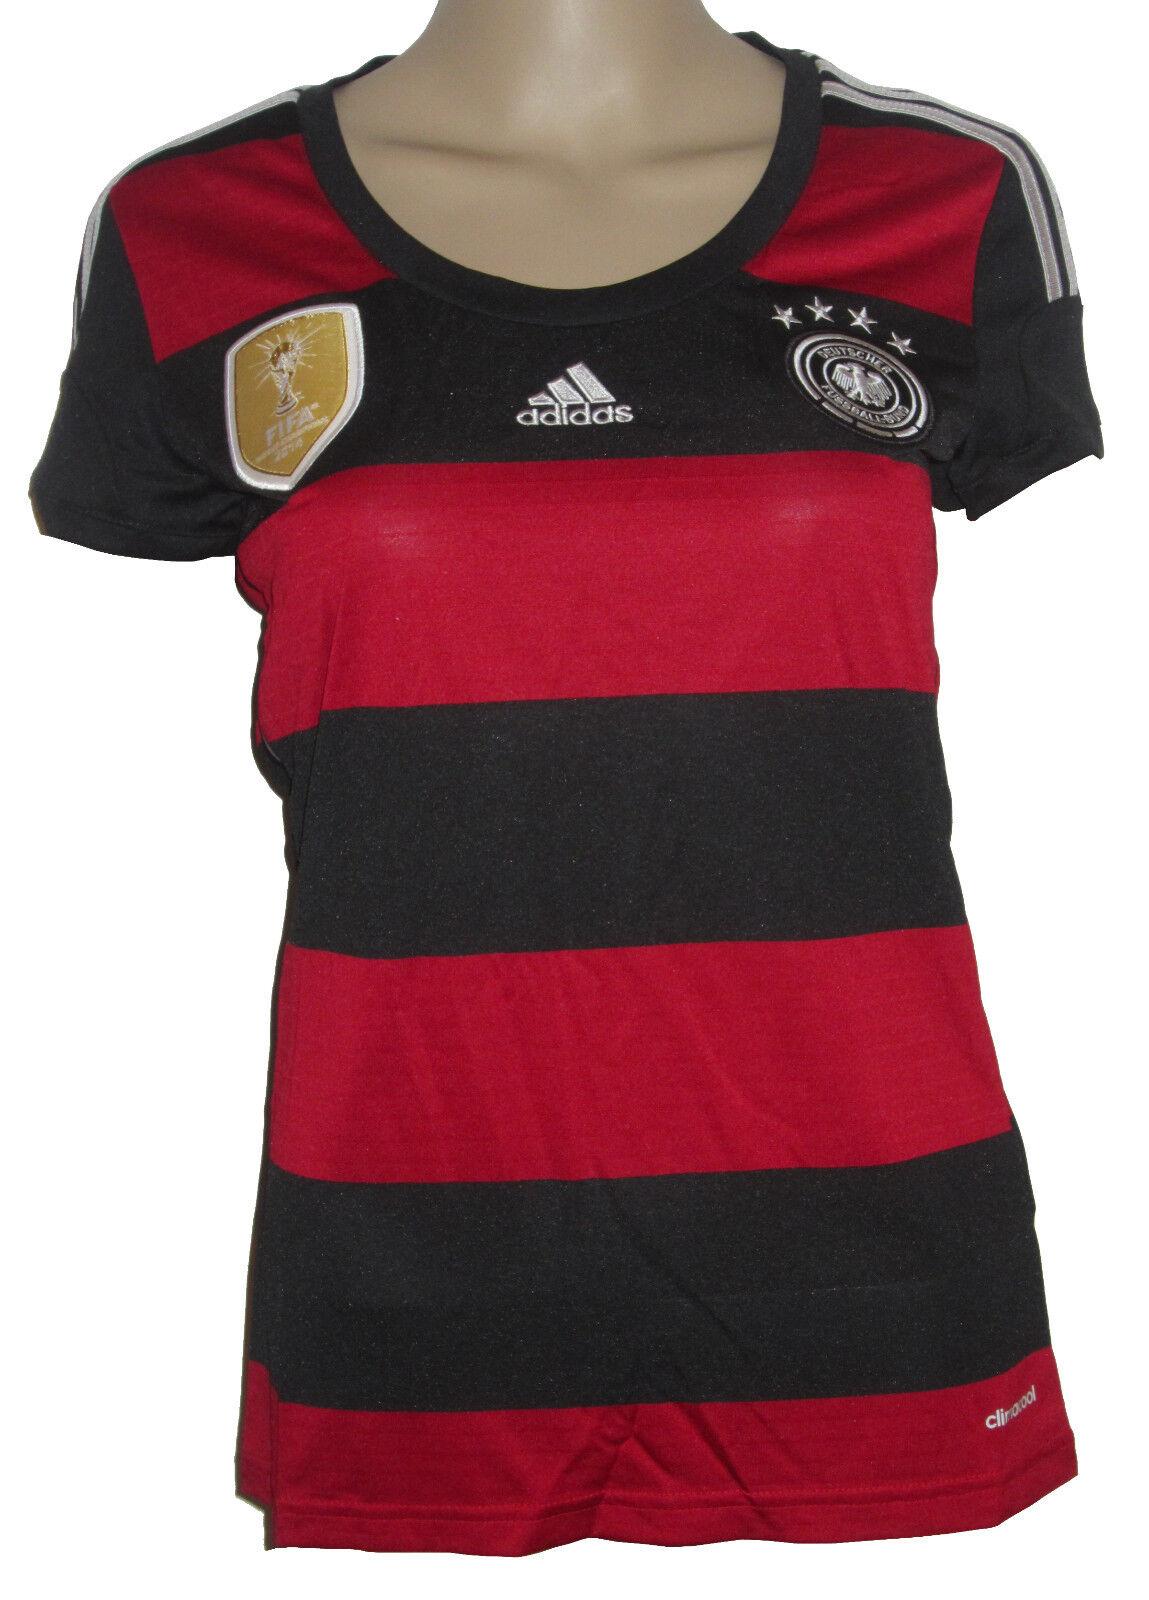 Adidas DFB Alemania Camiseta [ Talla XS S ] Mujer 4 Estrella AC1804 Nuevo y Emb.